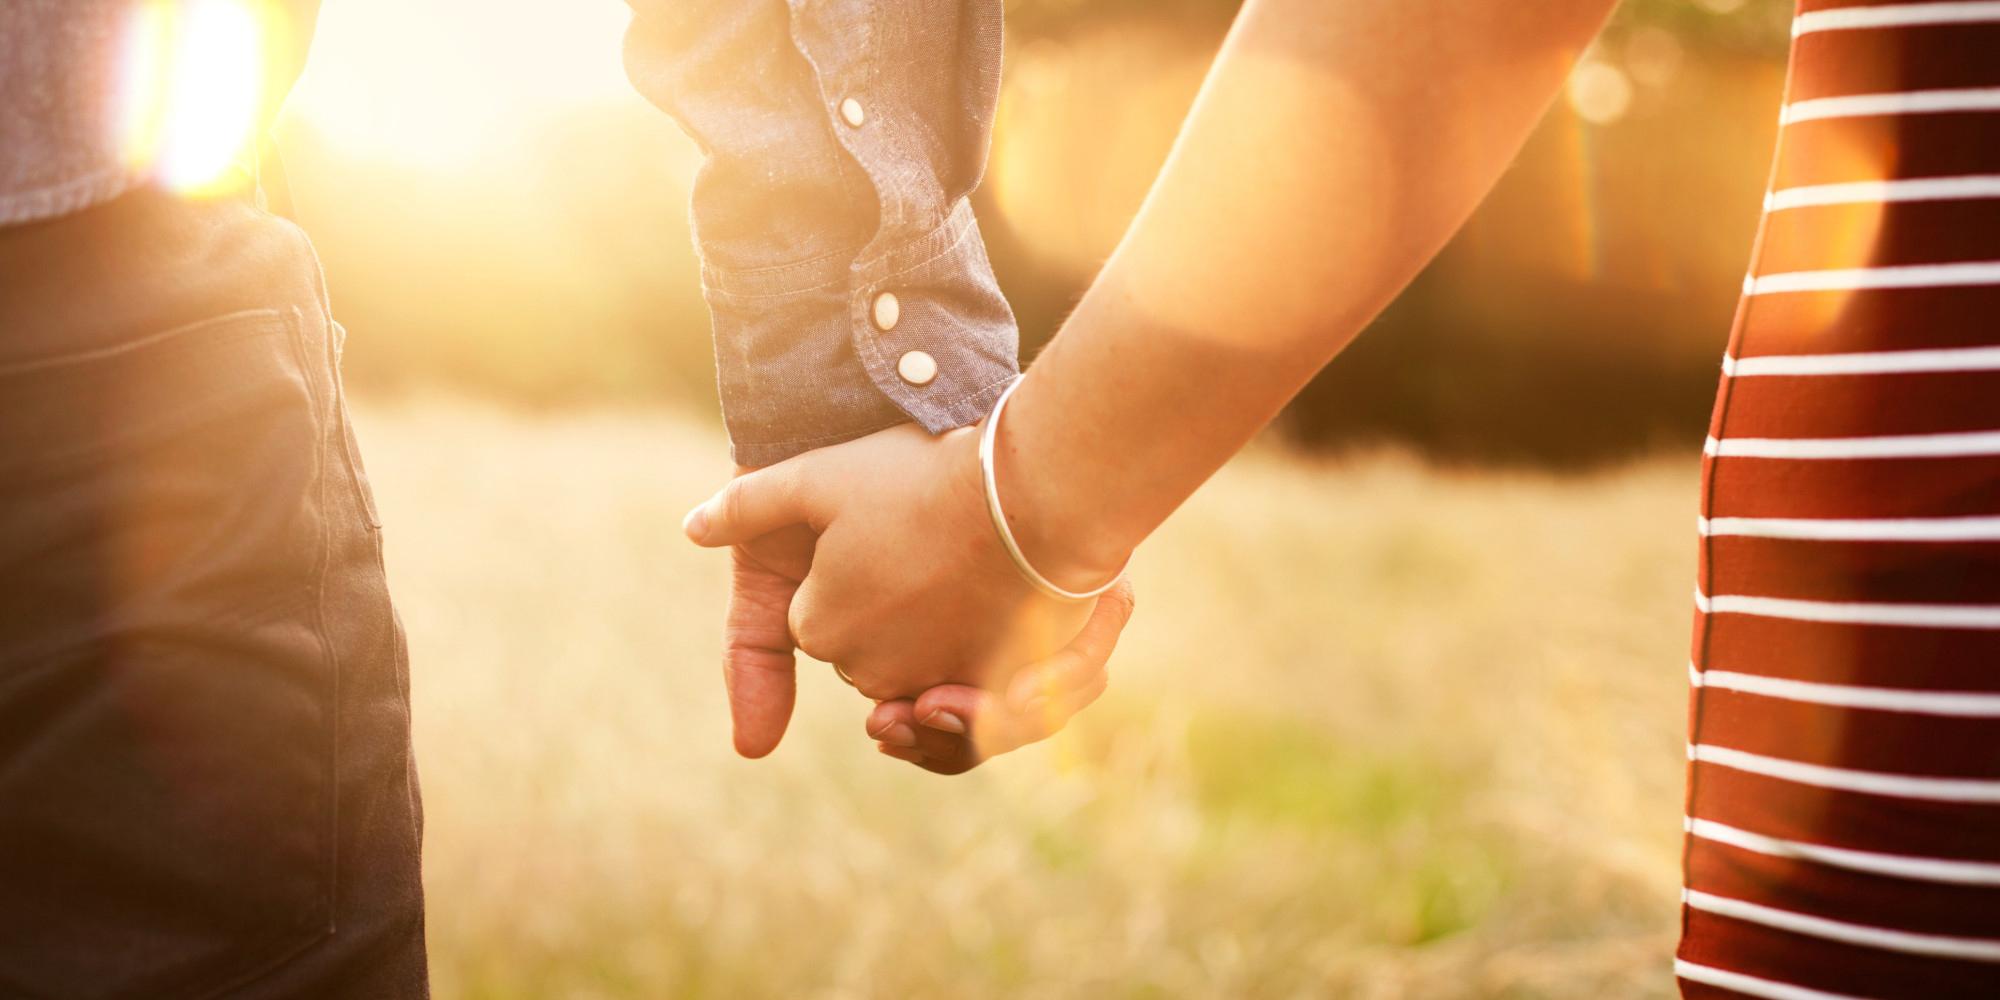 Картинки с надписями парень с девушкой держатся за руки, соня